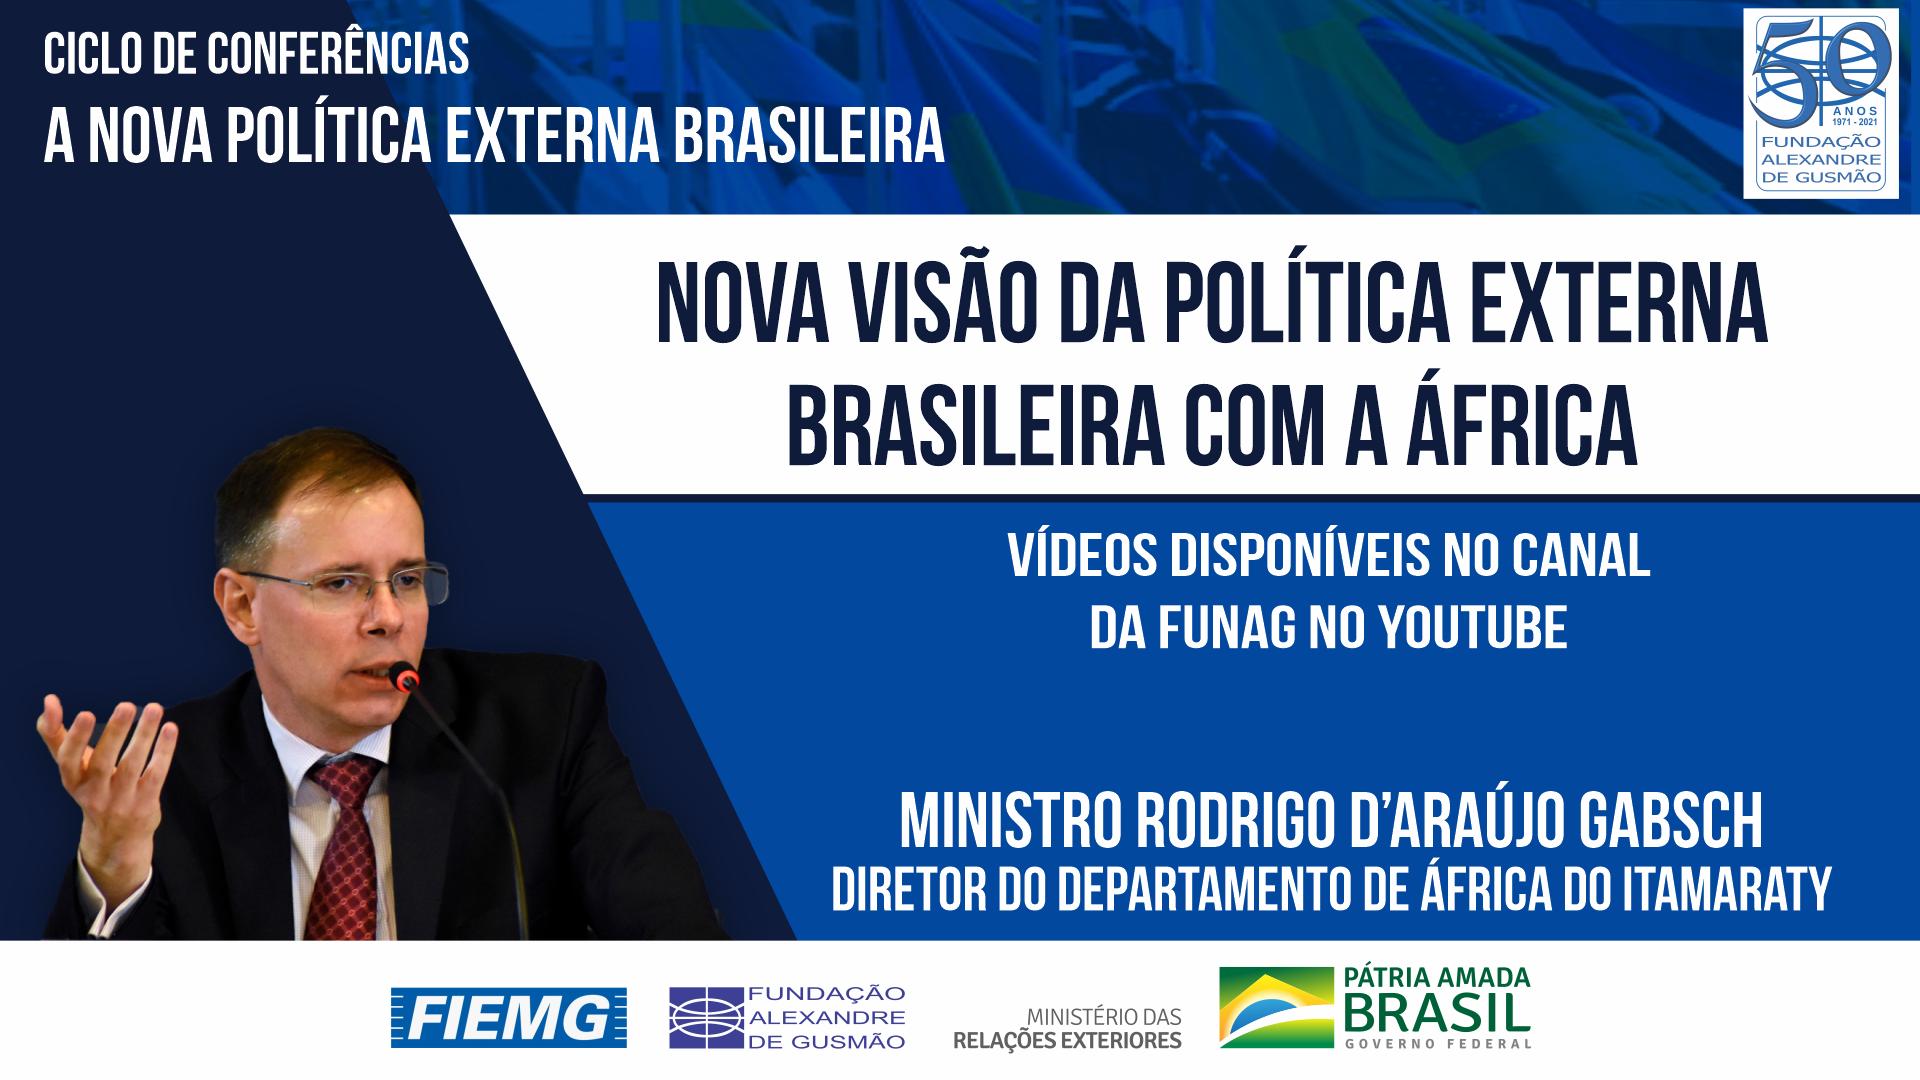 Assista aos vídeos da conferência do Diretor do Departamento de África do Itamaraty, Ministro Rodrigo Gabsch